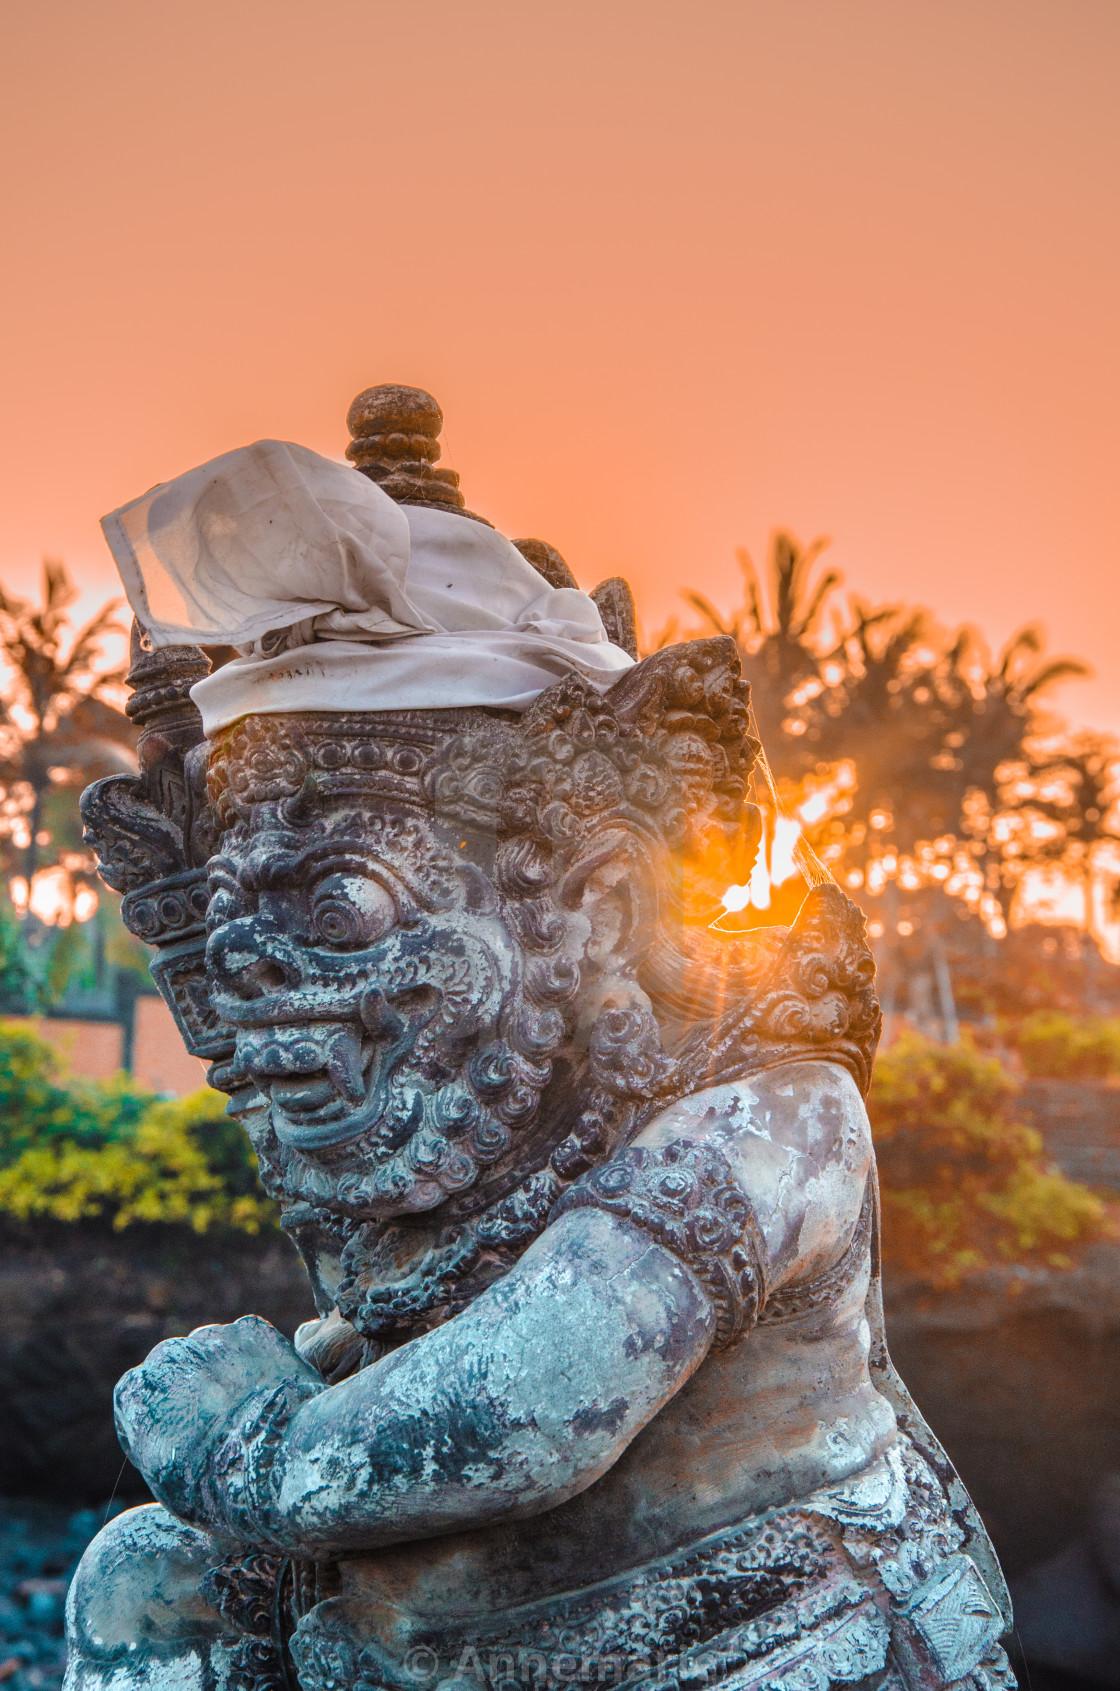 """""""Orange sky at sunrise with religious Balinese icon"""" stock image"""